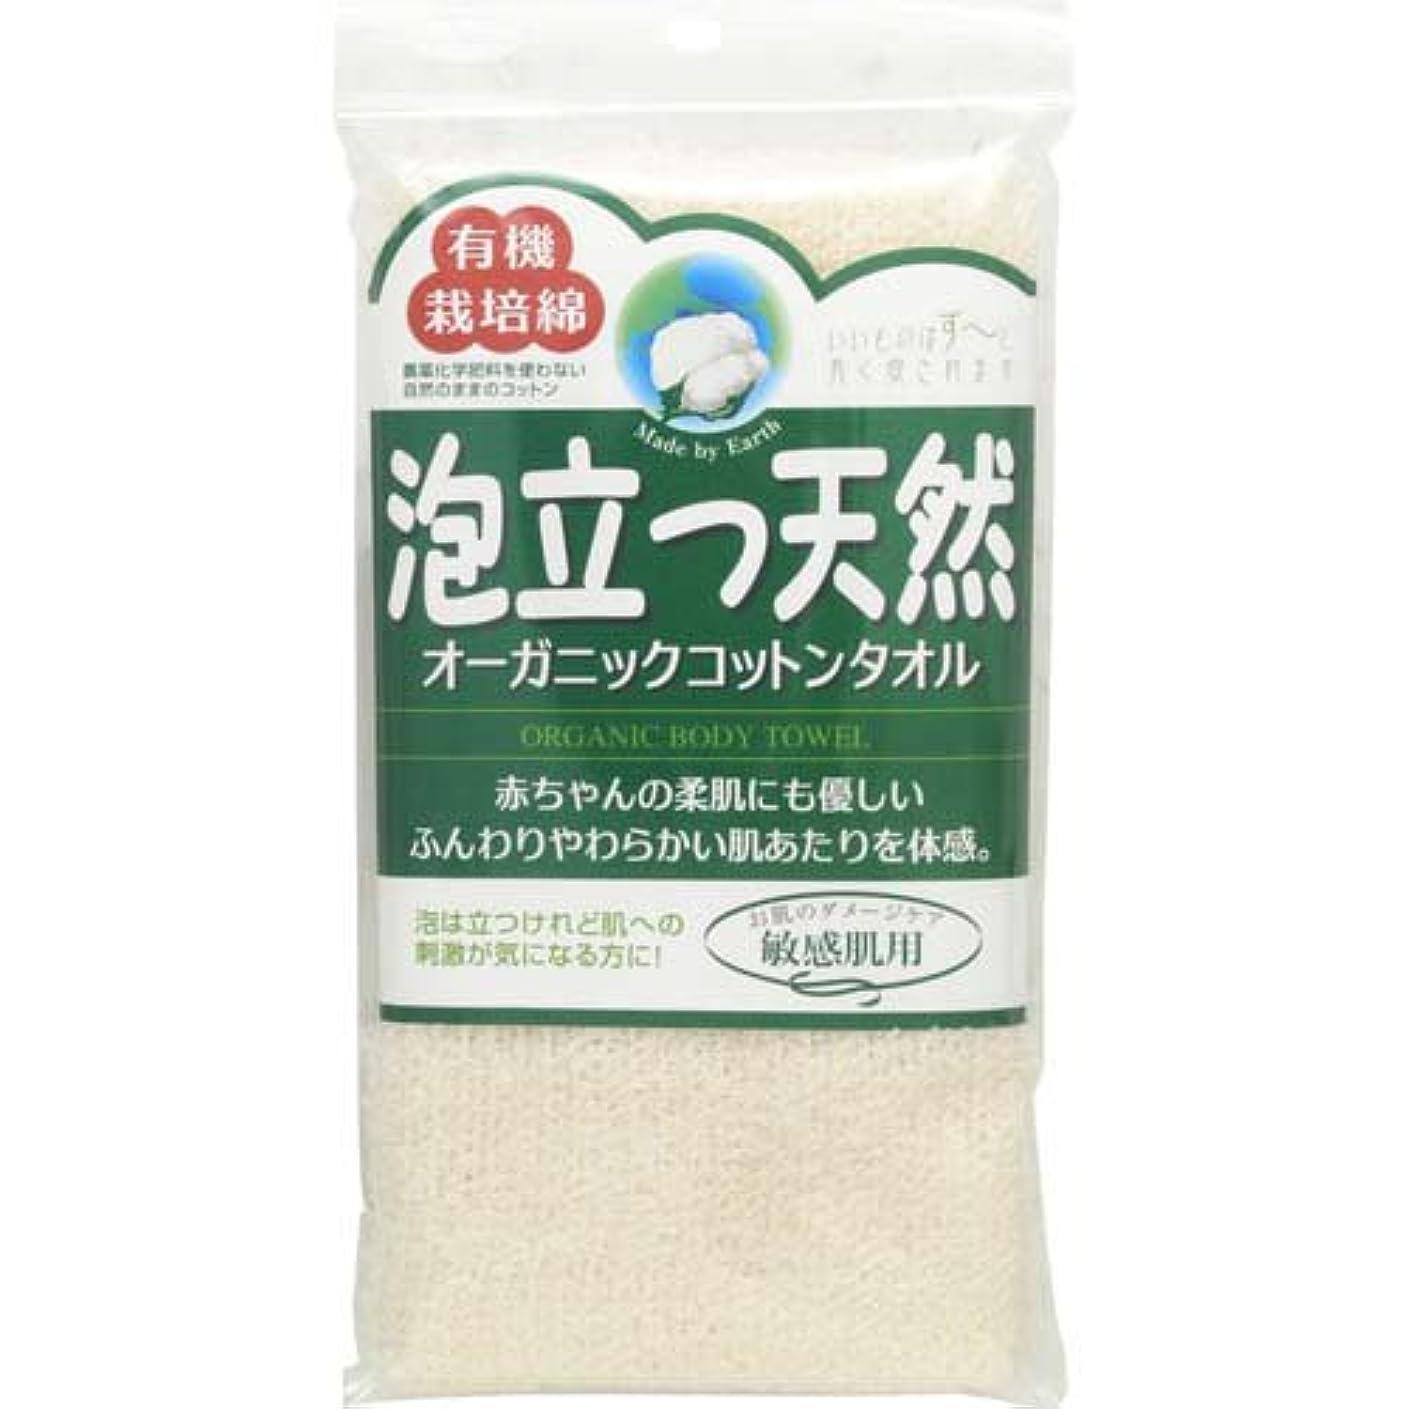 豆削減コンパニオン泡立つ天然 オーガニックコットンタオル